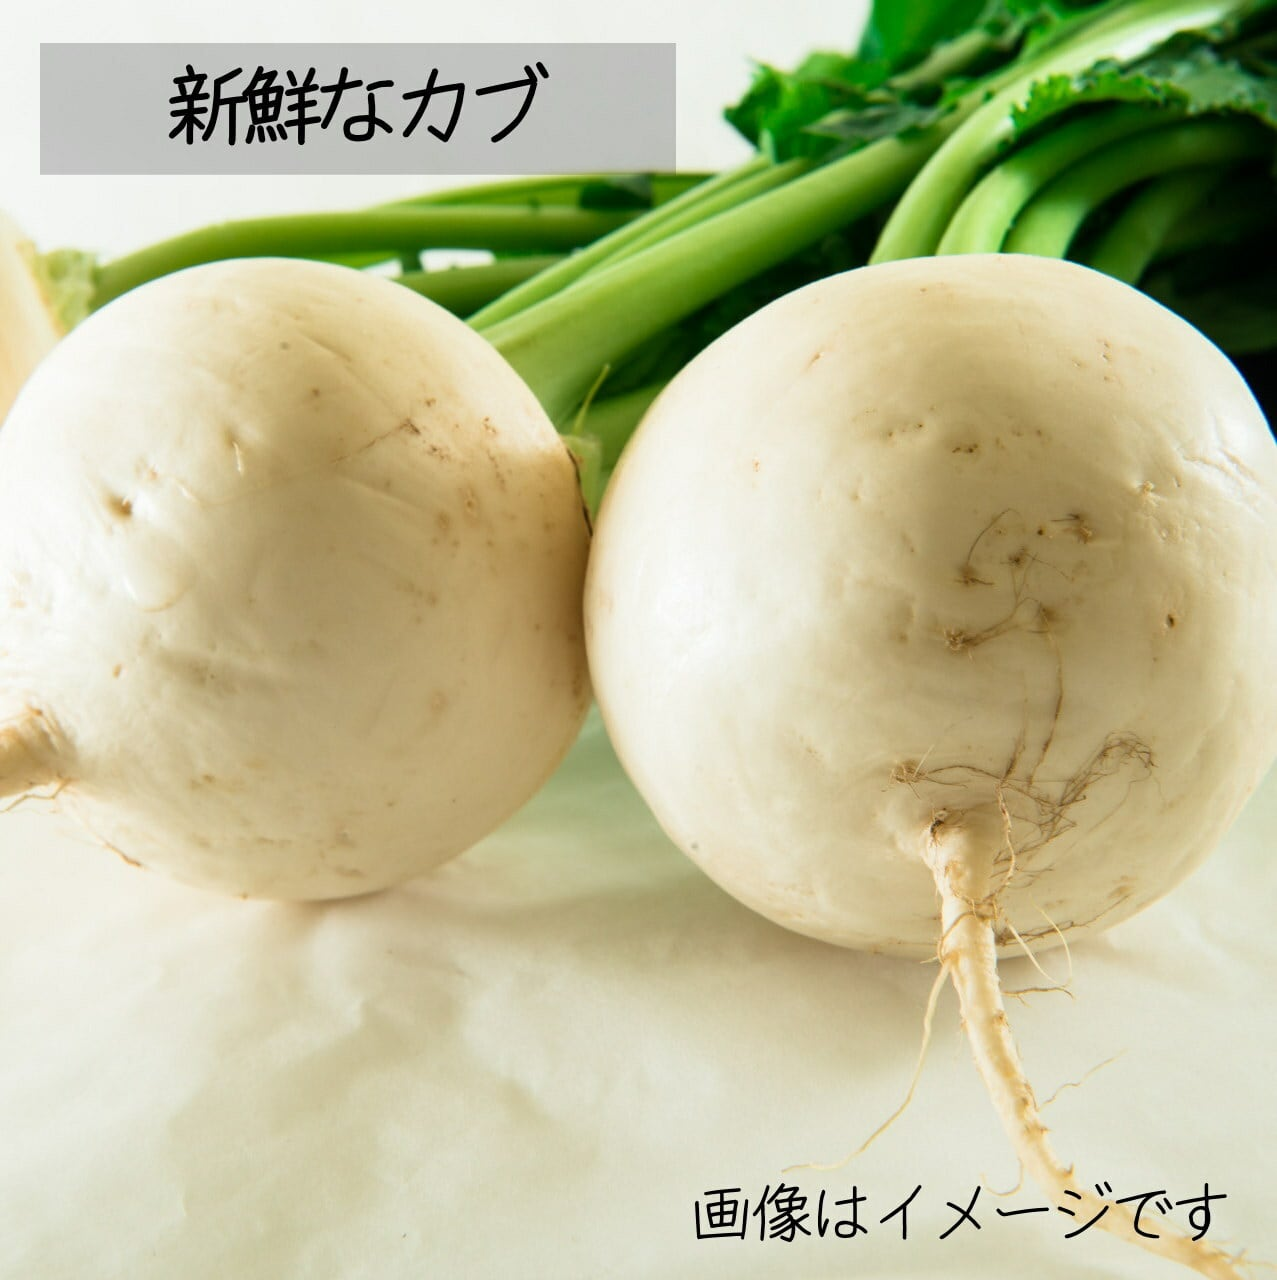 新鮮な秋野菜 : カブ 約3~4個  9月の朝採り直売野菜 9月12日発送予定